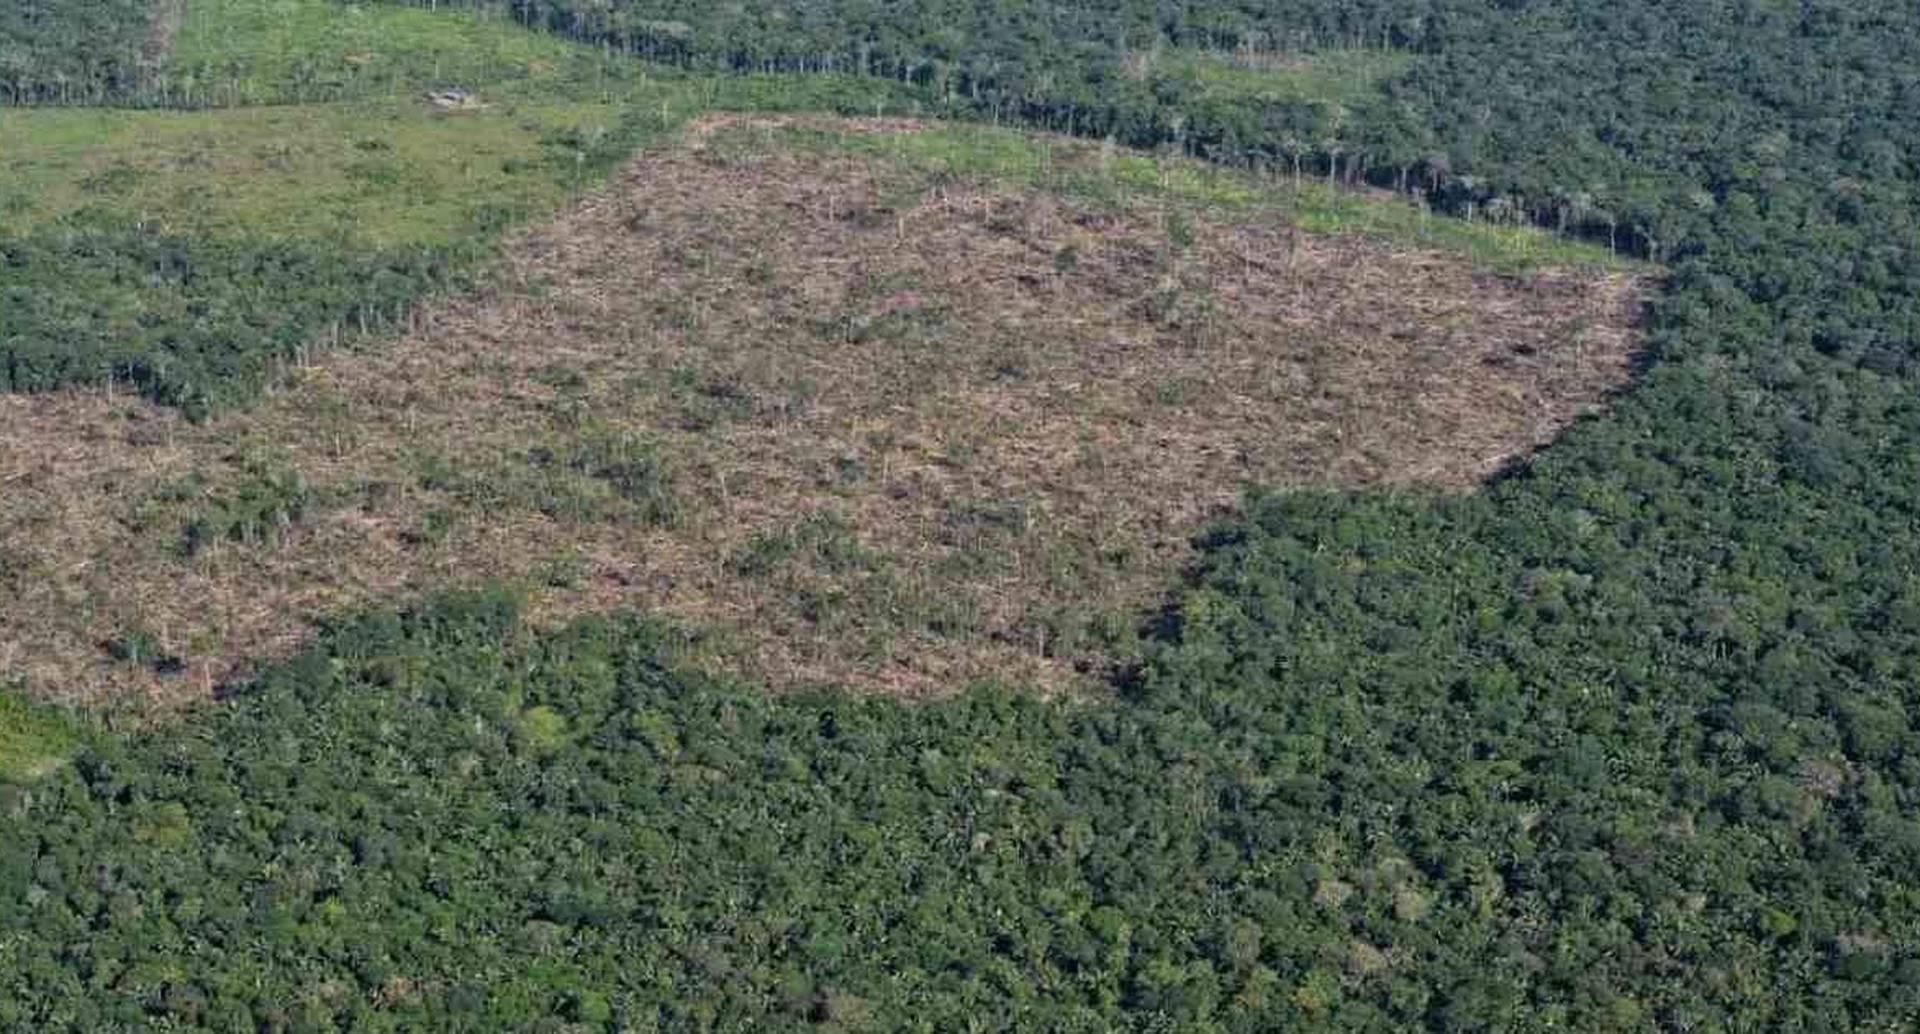 Procuraduría investiga tres corporaciones y gobernaciones por deforestación